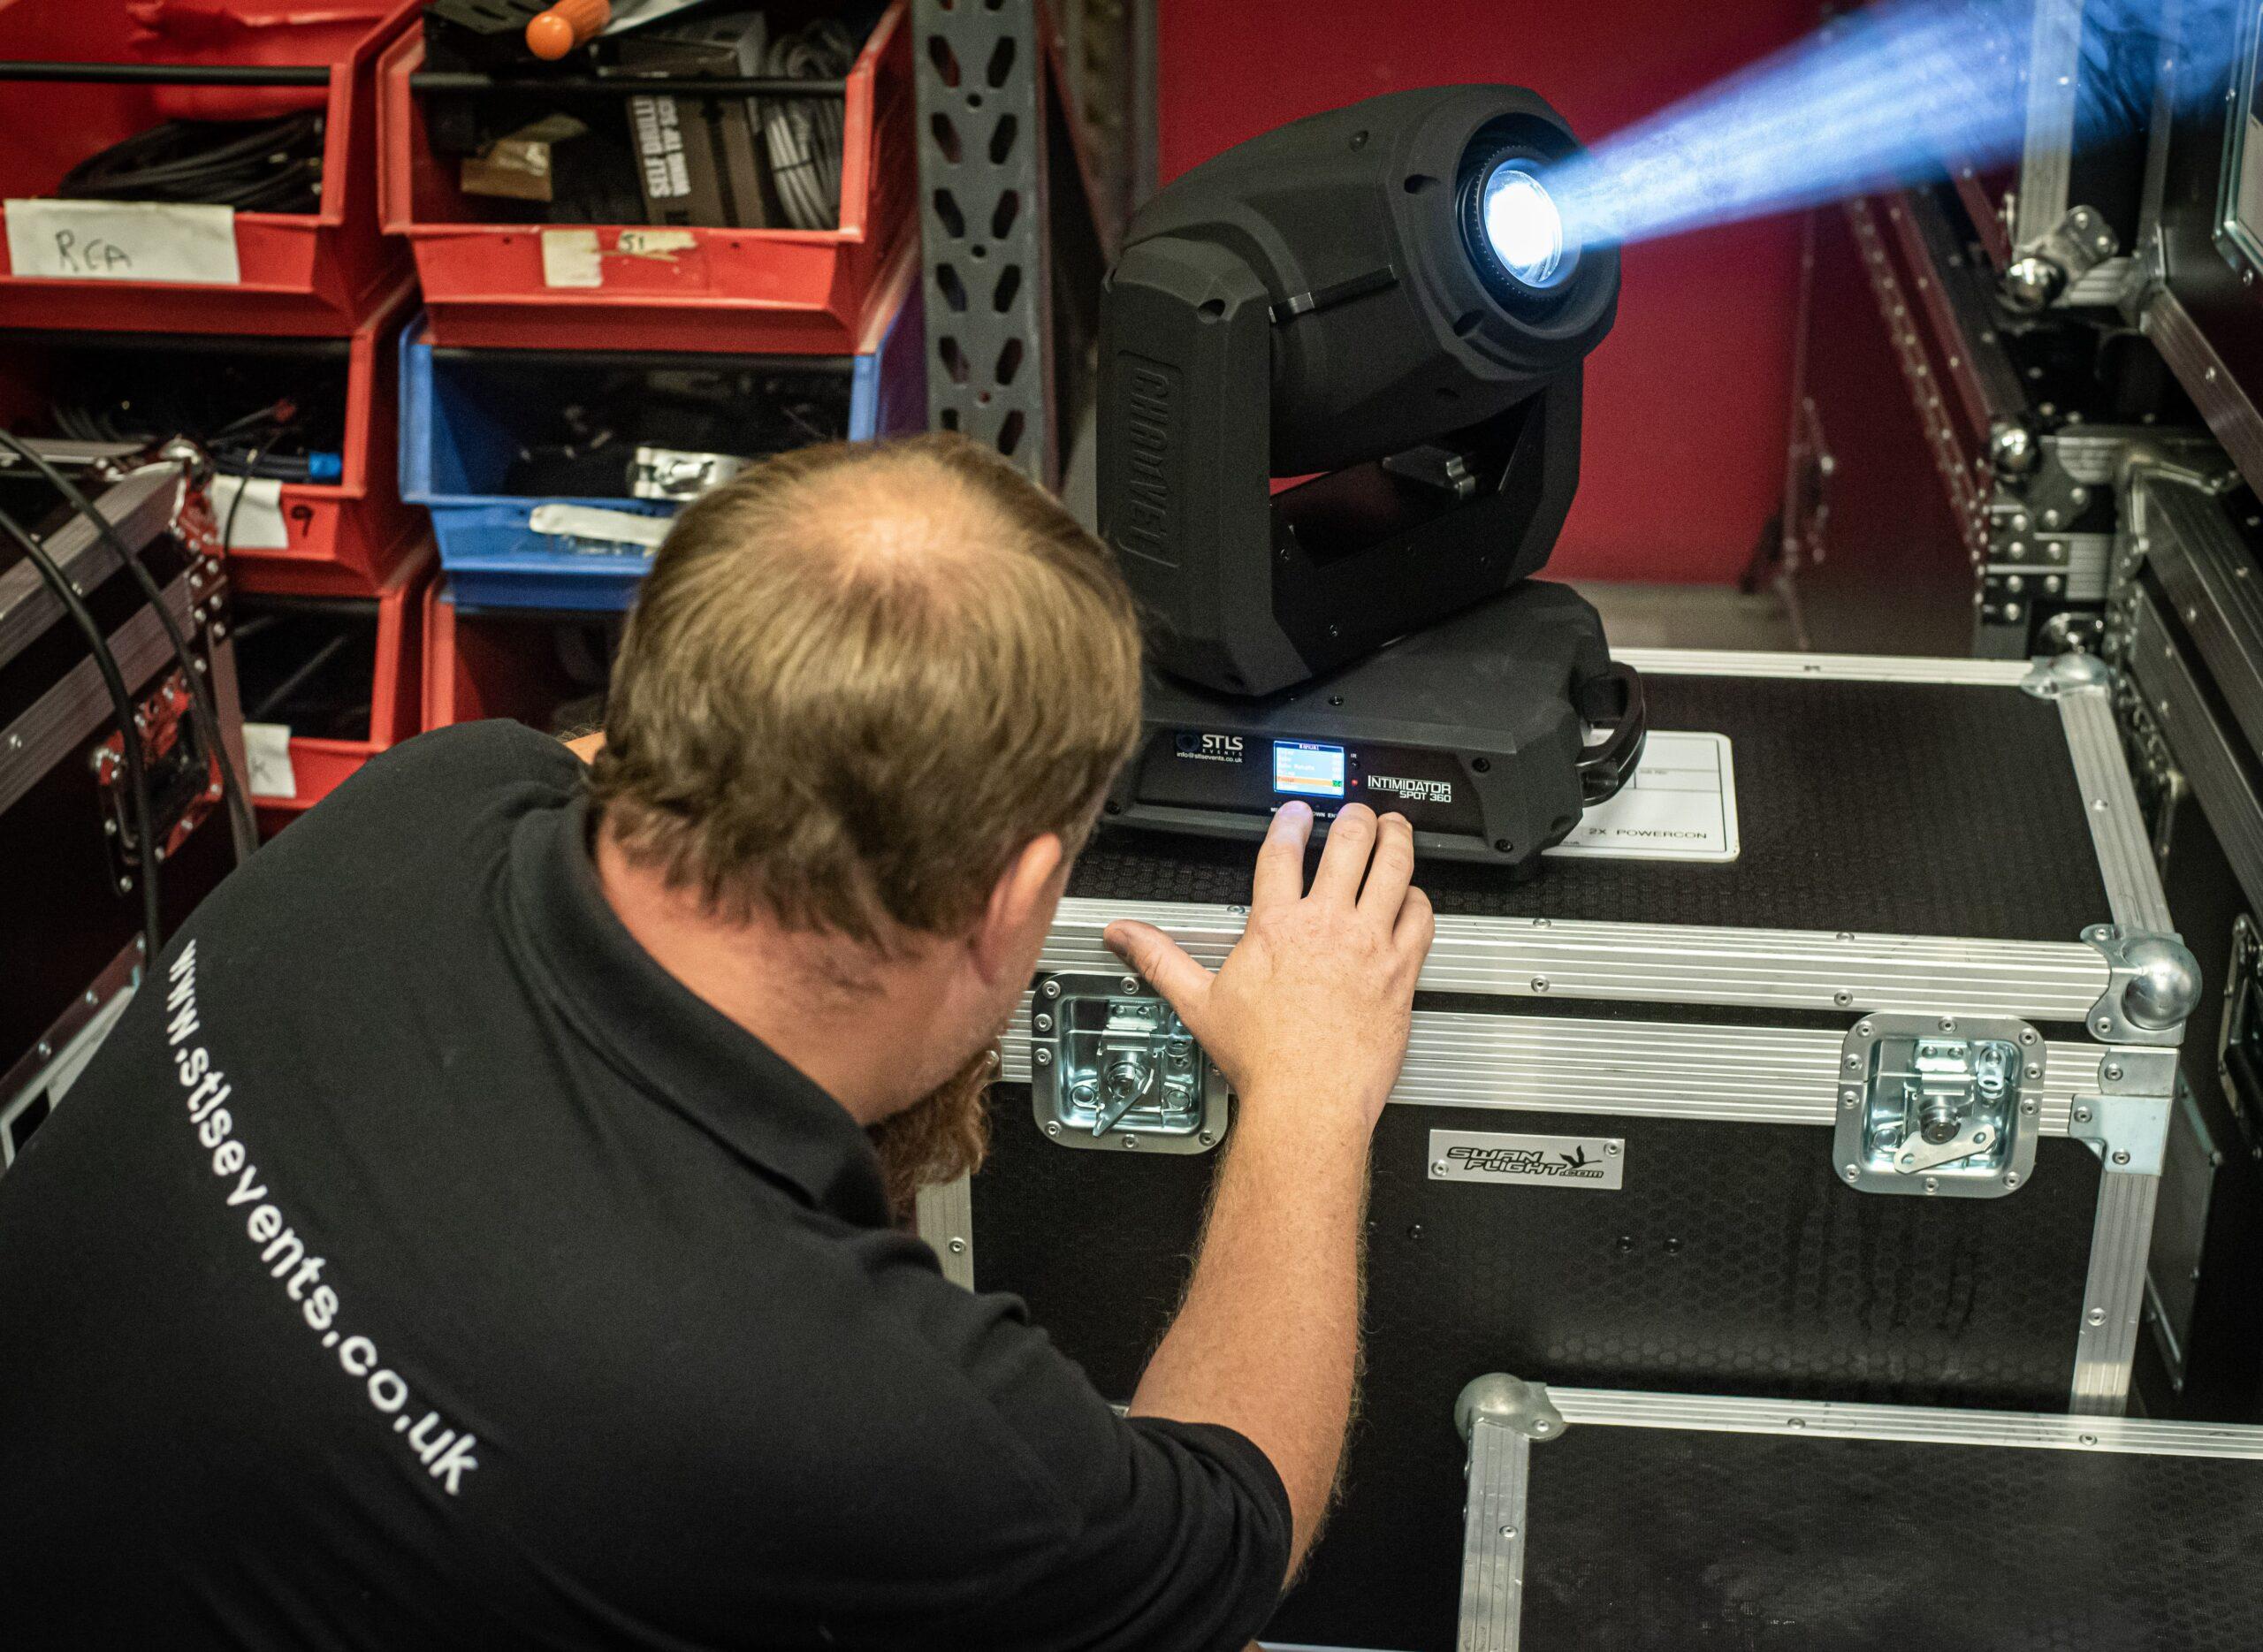 Stage lighting PAT testing London Surrey